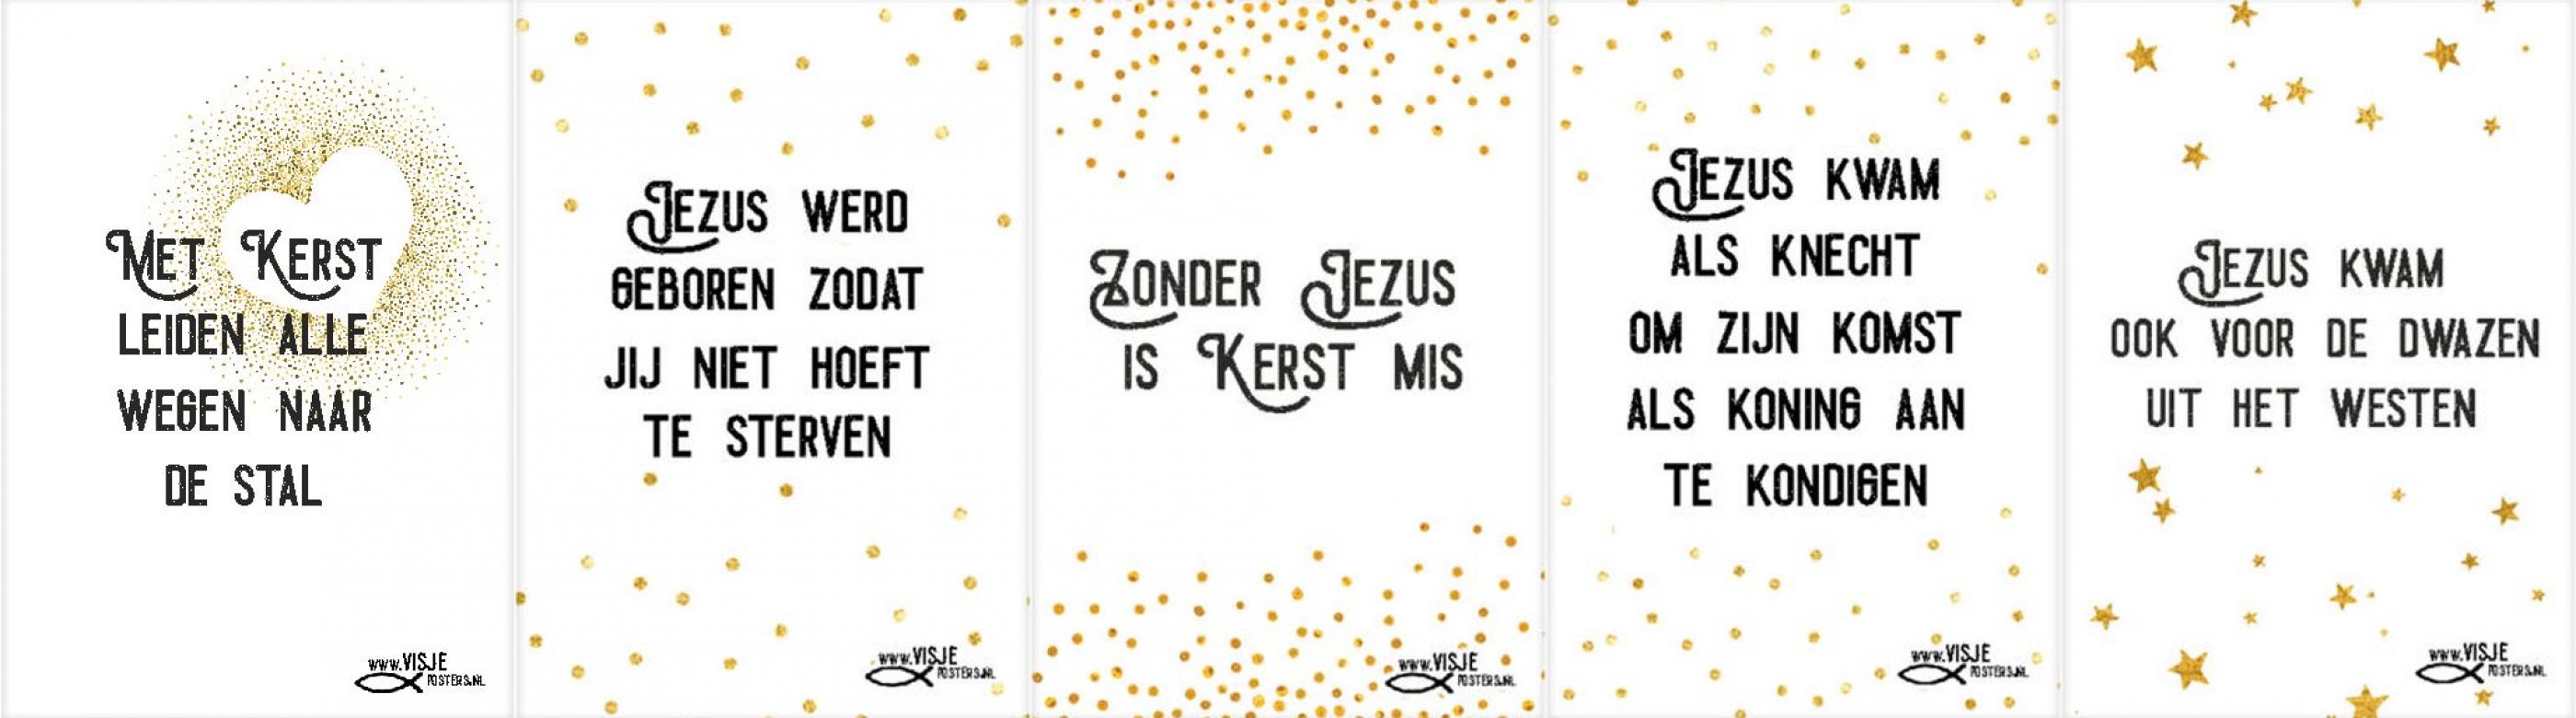 Visje_banner_kerst